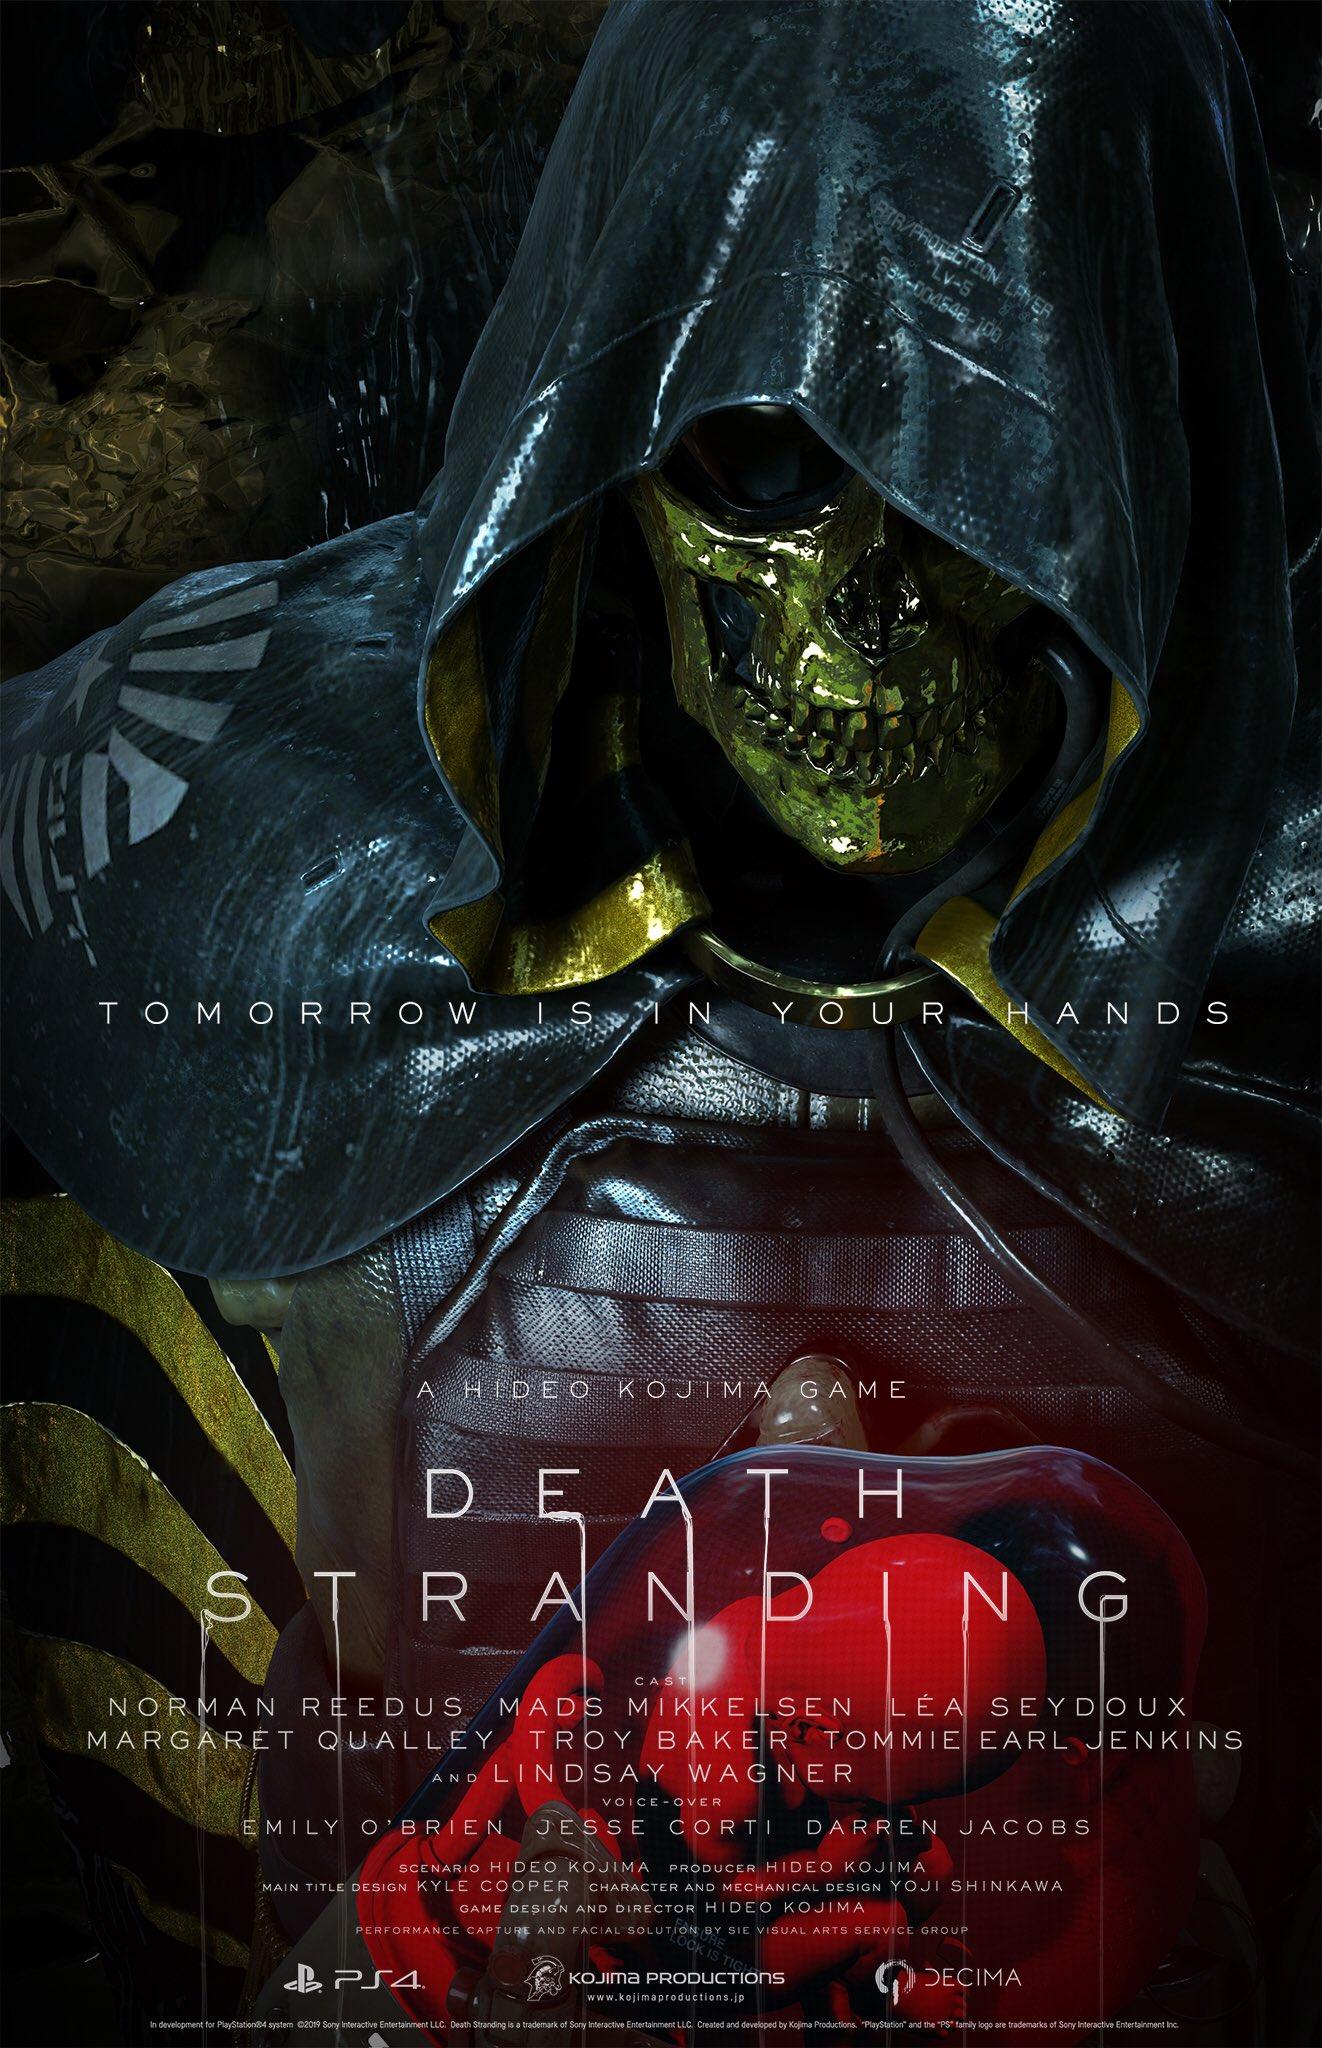 6 5 - 小島秀夫監督の『デス・ストランディング』発売日が11月8日に決定! 最新トレーラーも公開。神ゲーオーラに震えろ